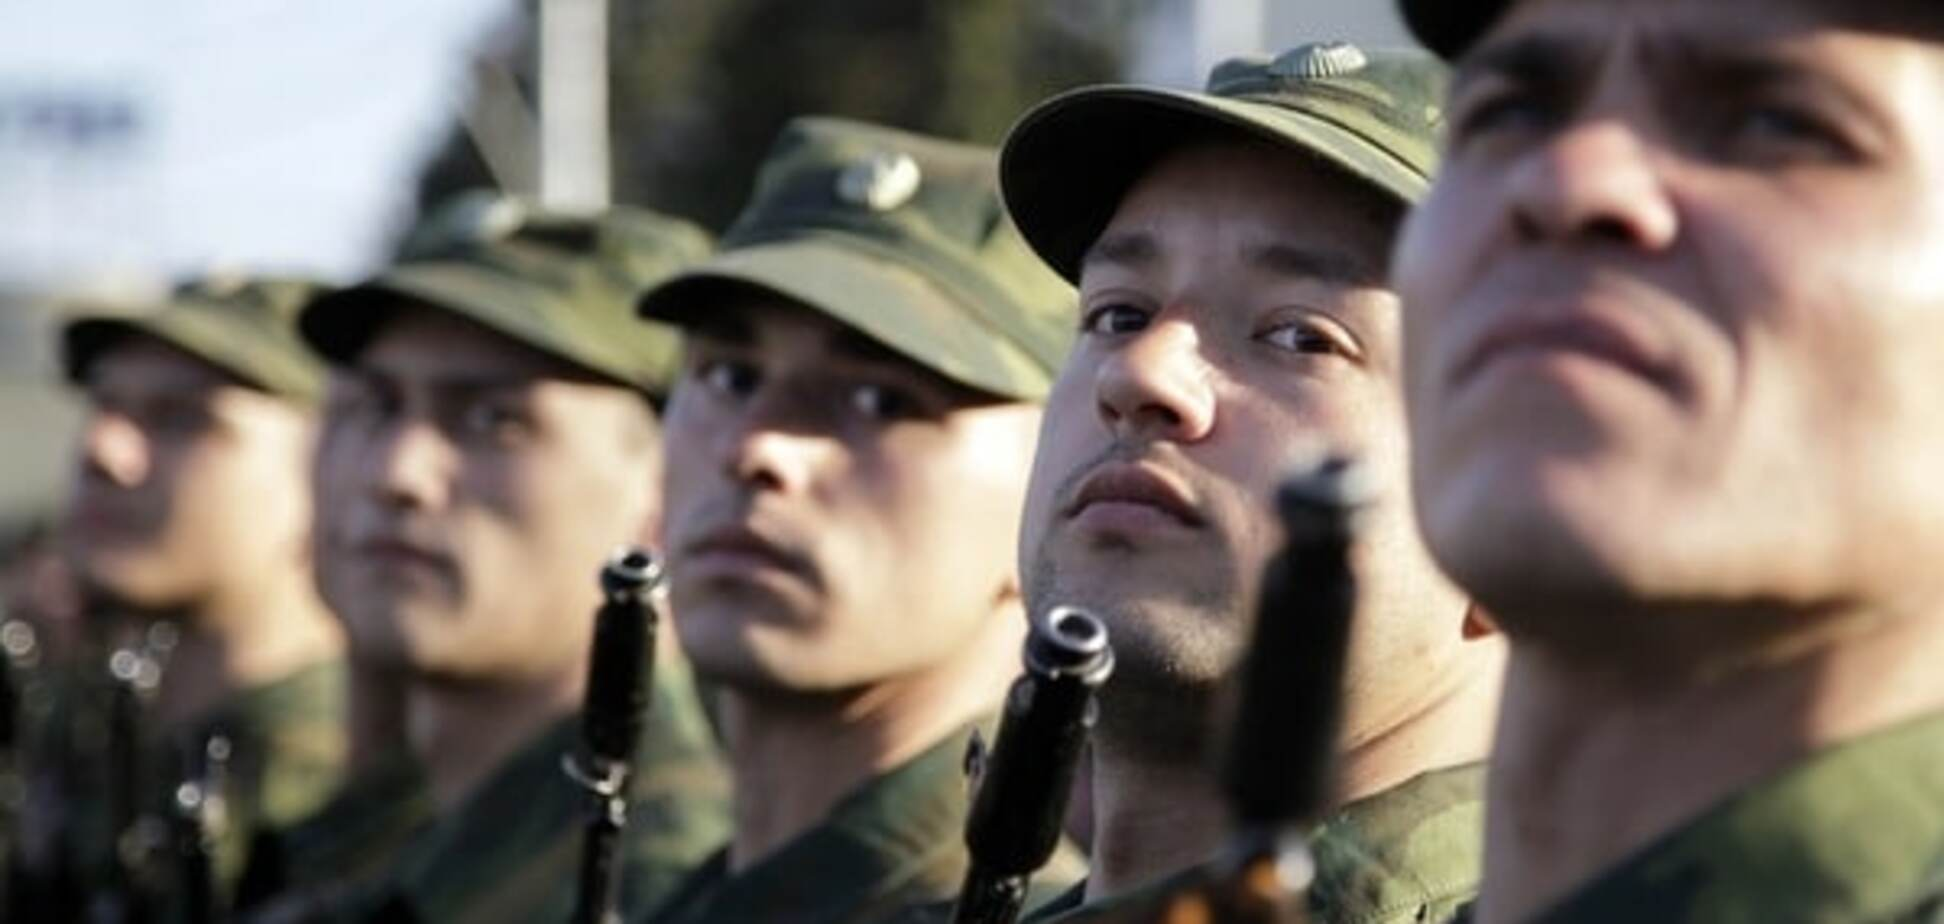 Росія підготувала нових 'героїв' для розкачки ситуації в Україні - волонтер